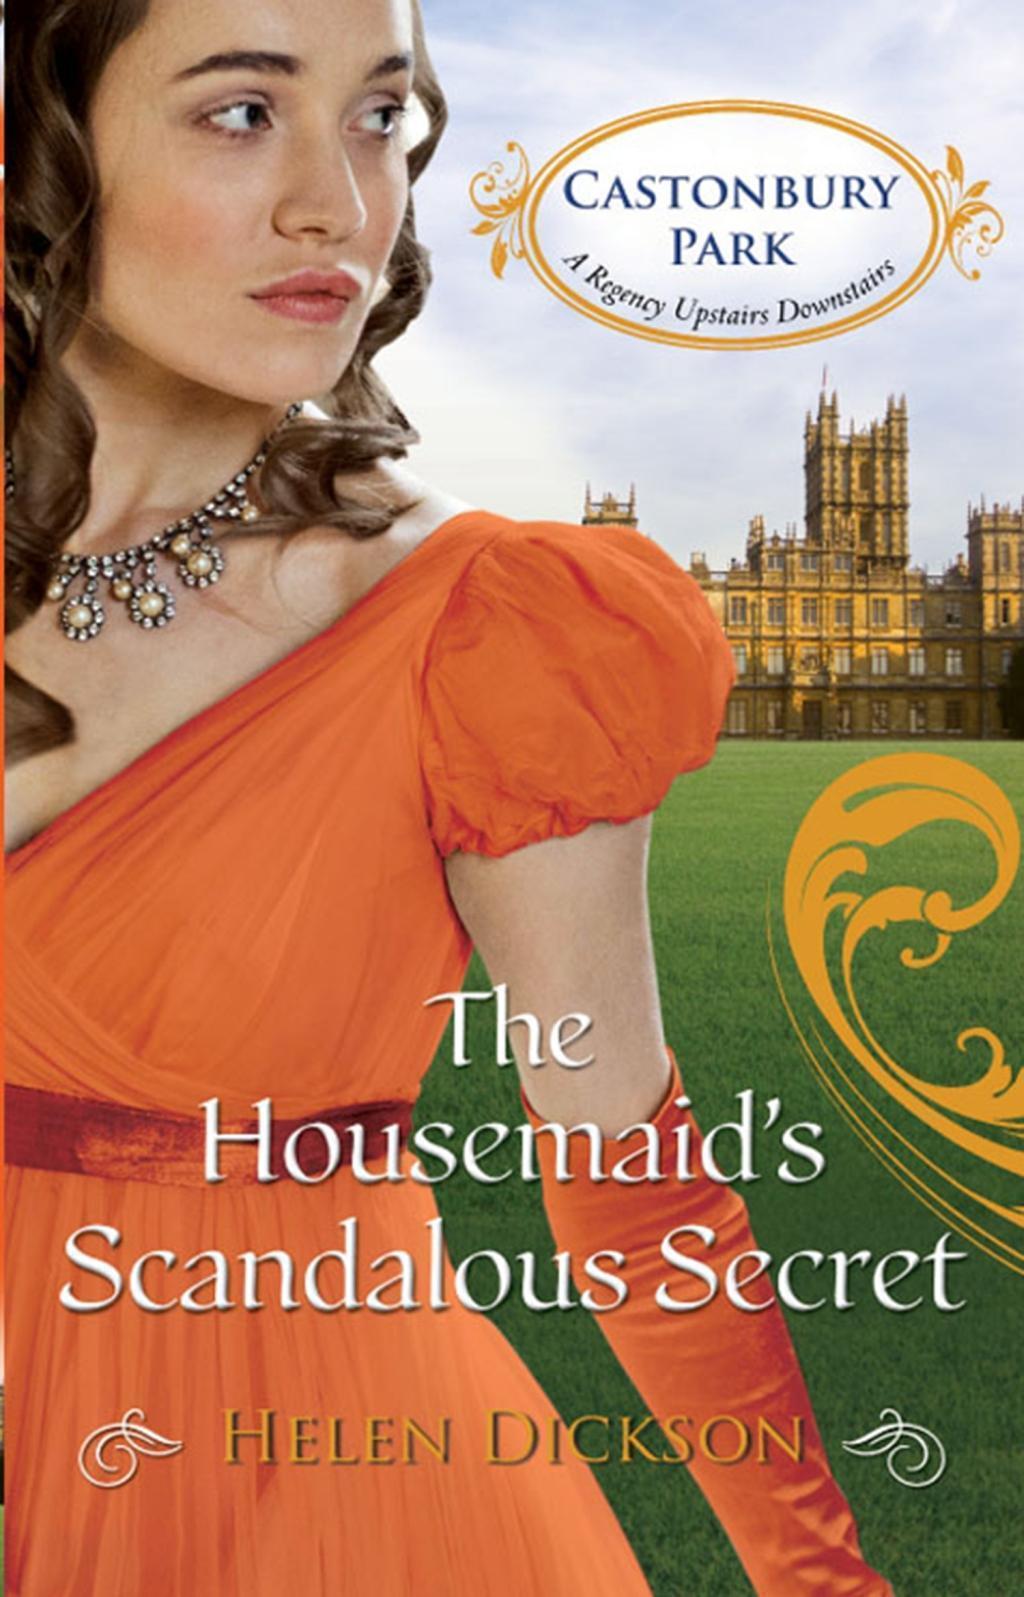 The Housemaid's Scandalous Secret (Mills & Boon M&B) (Castonbury Park, Book 2)